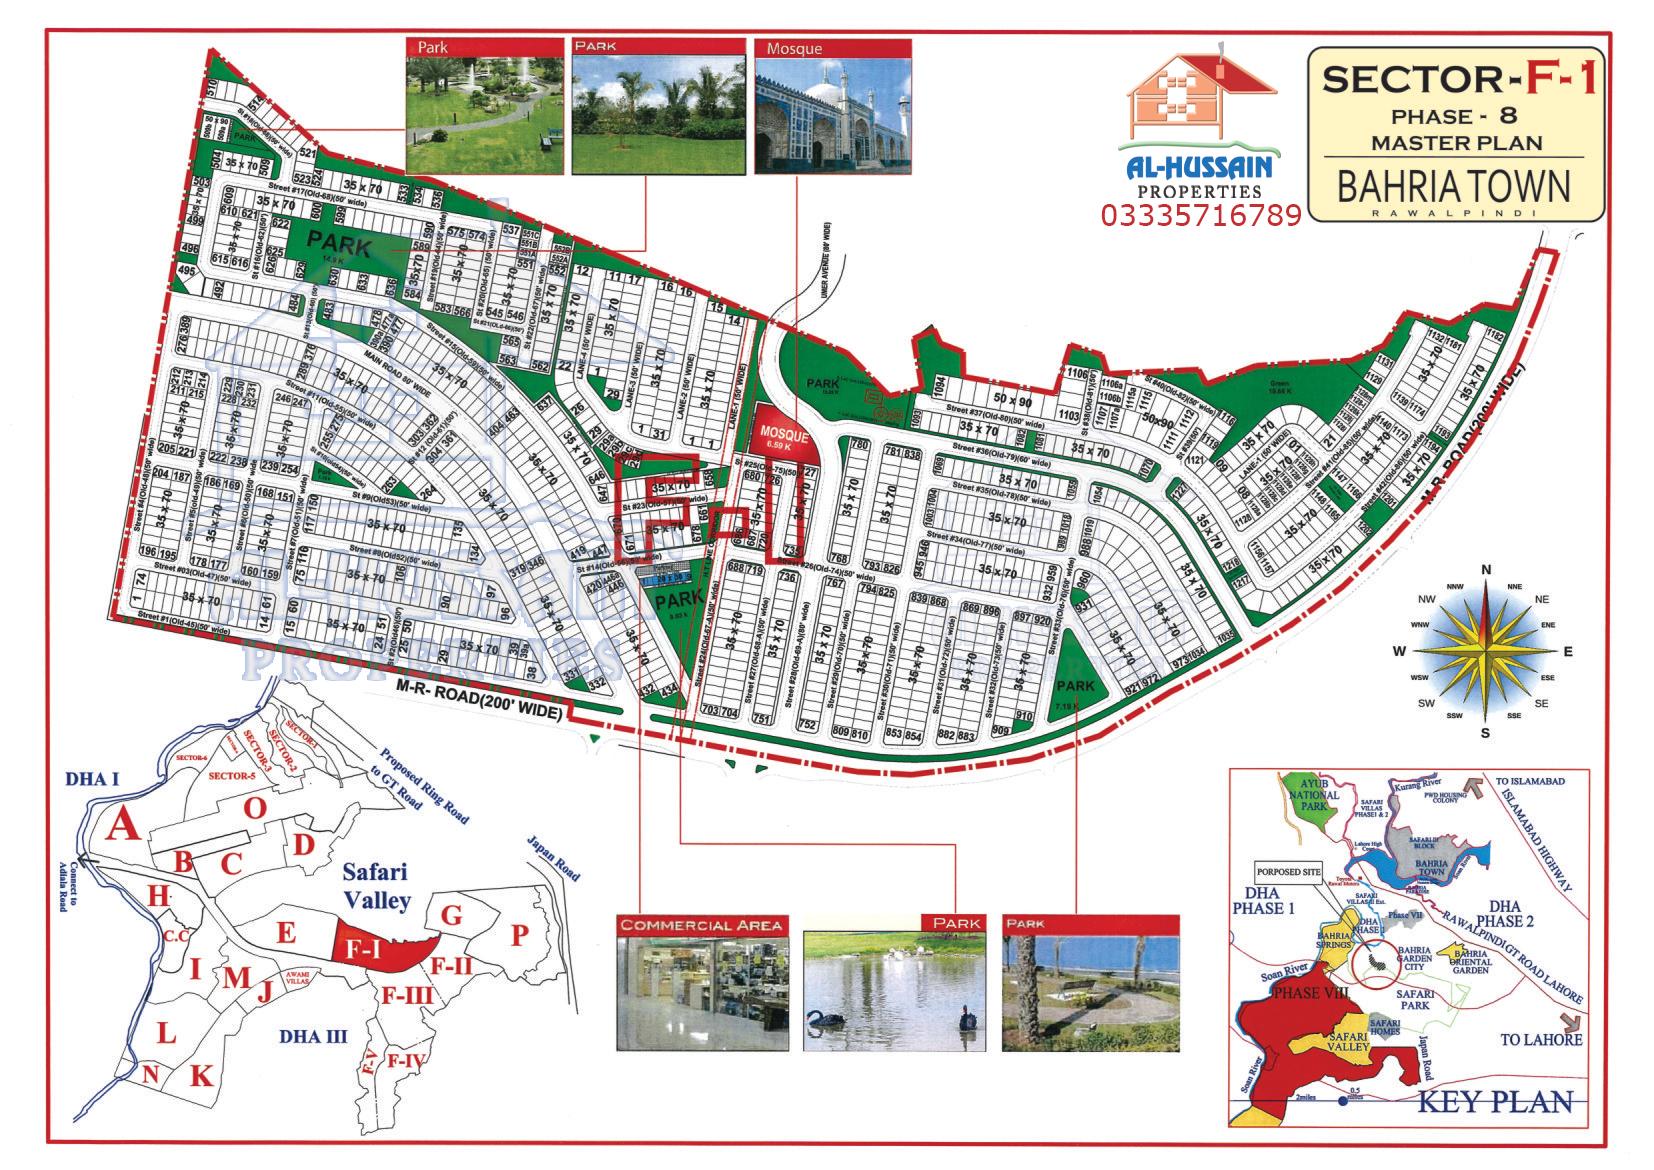 Master Plan Sector F 1 Phase 8 Bahria Town Rawalpindi